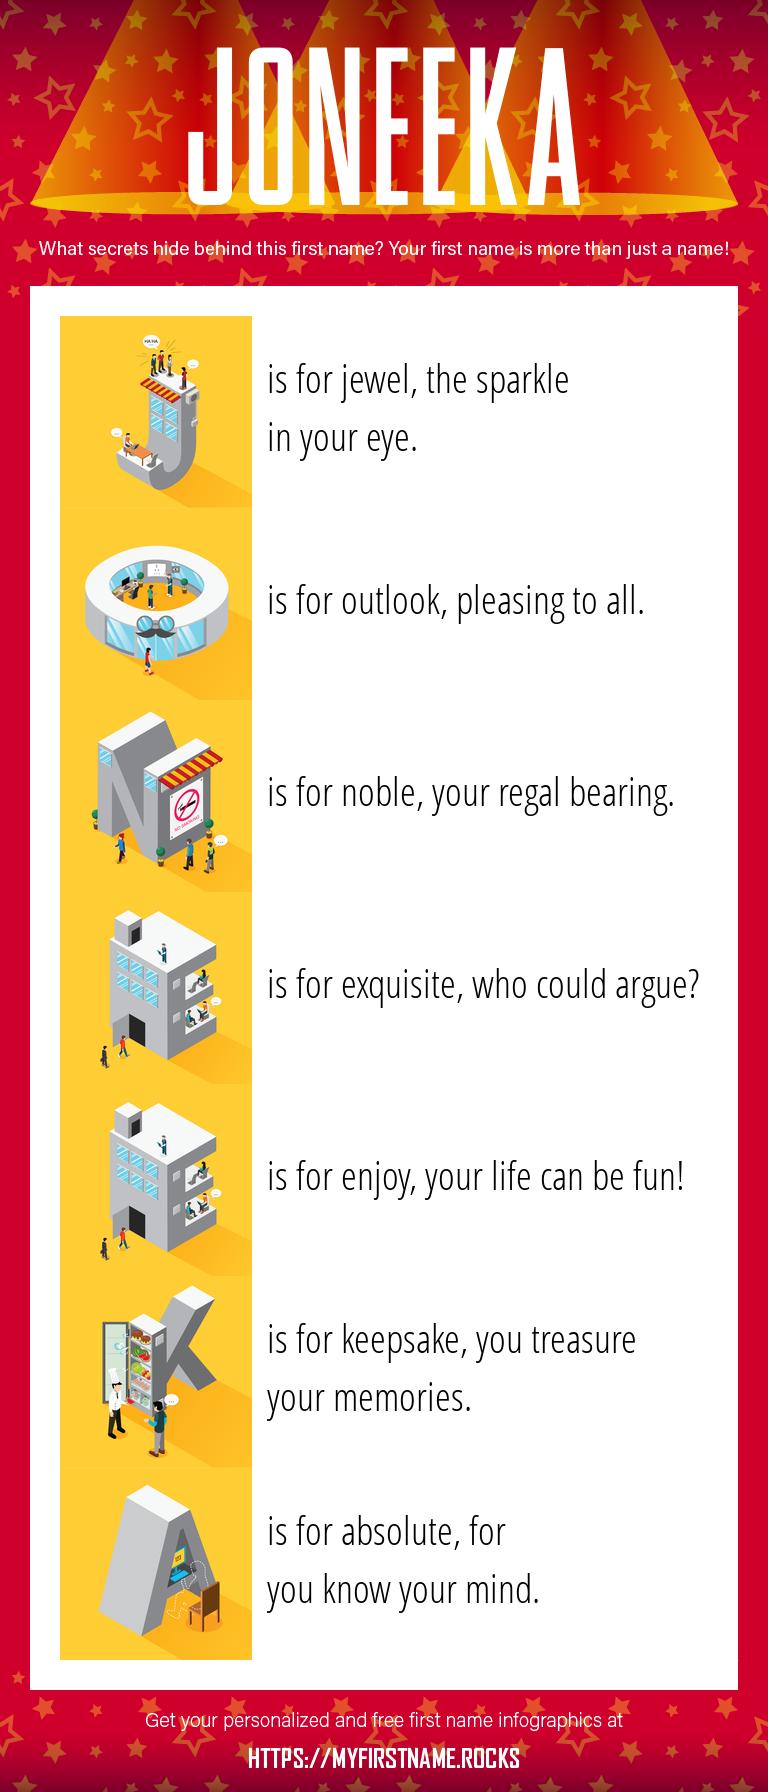 Joneeka Infographics